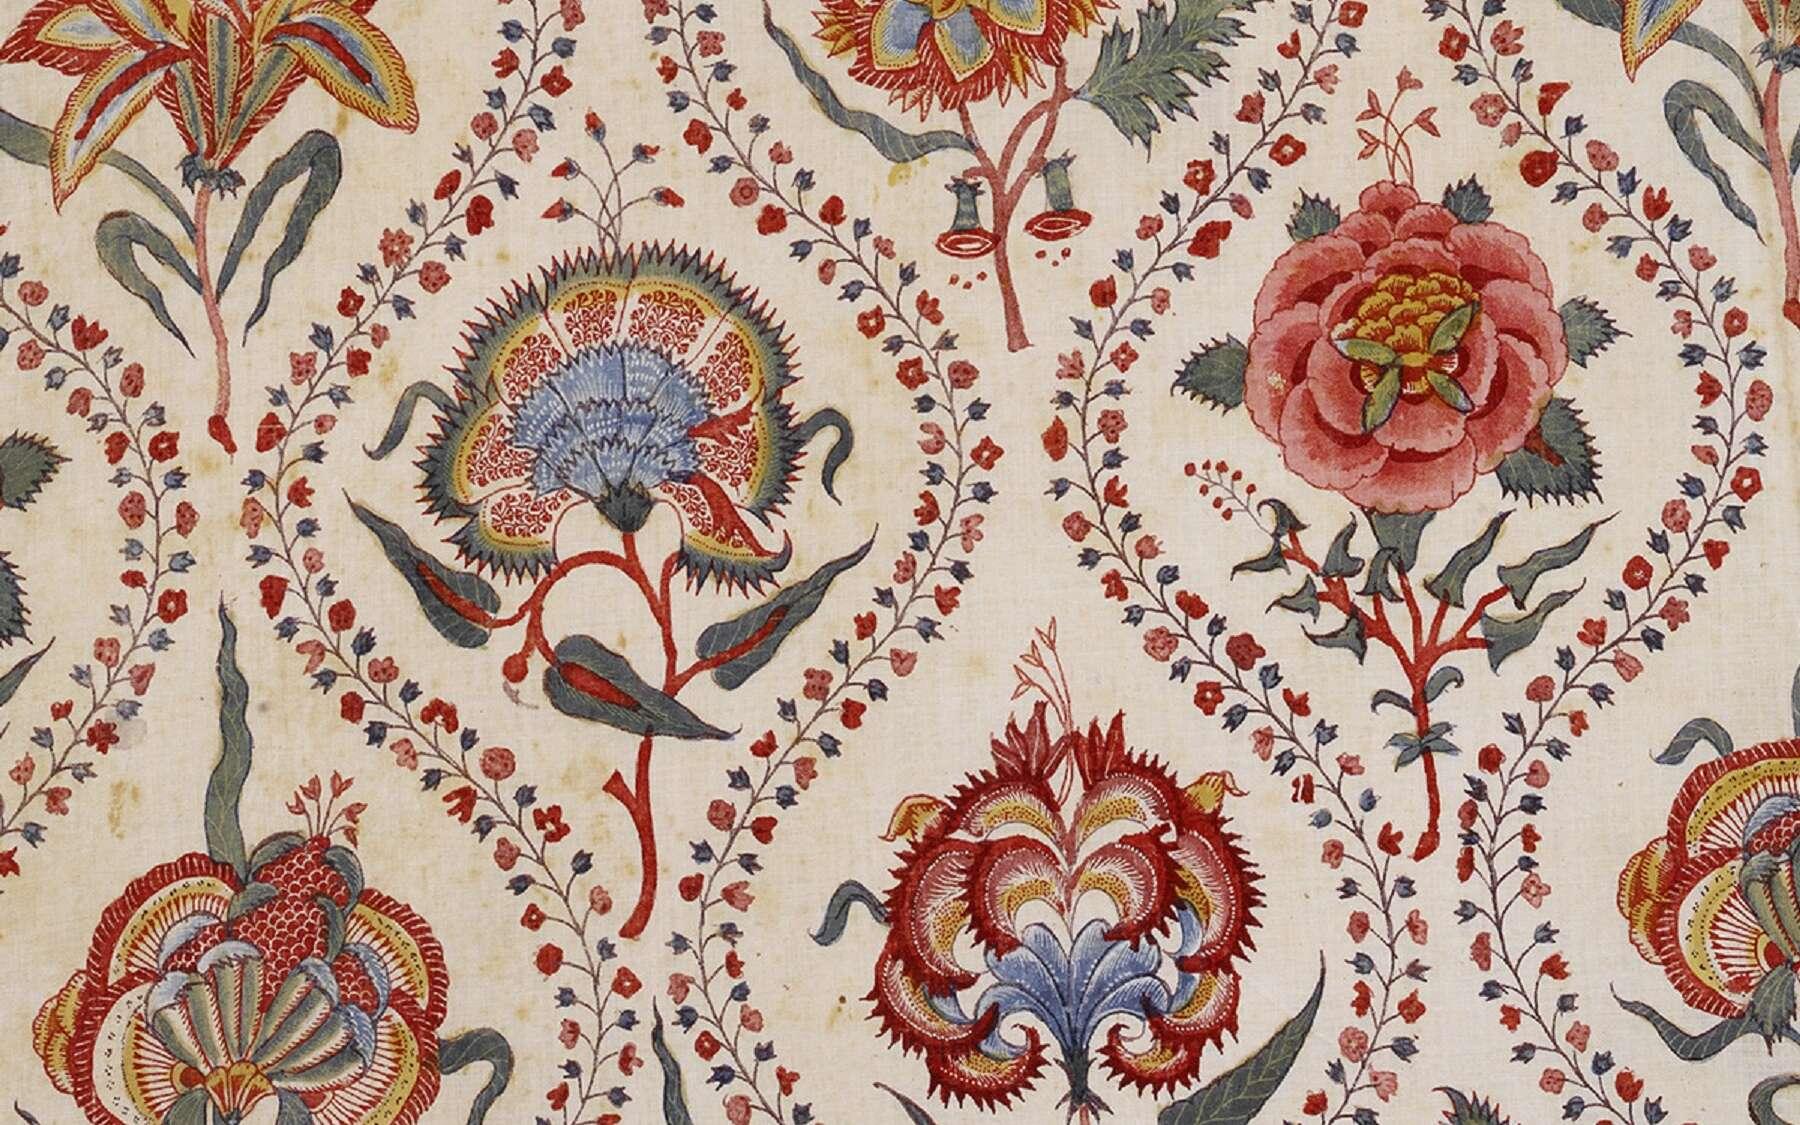 Détail agrandi d'une indienne, toile de coton imprimée en Inde vers 1750. © Collection du Musée de l'Impression sur Étoffes de Mulhouse (MISE), 2018